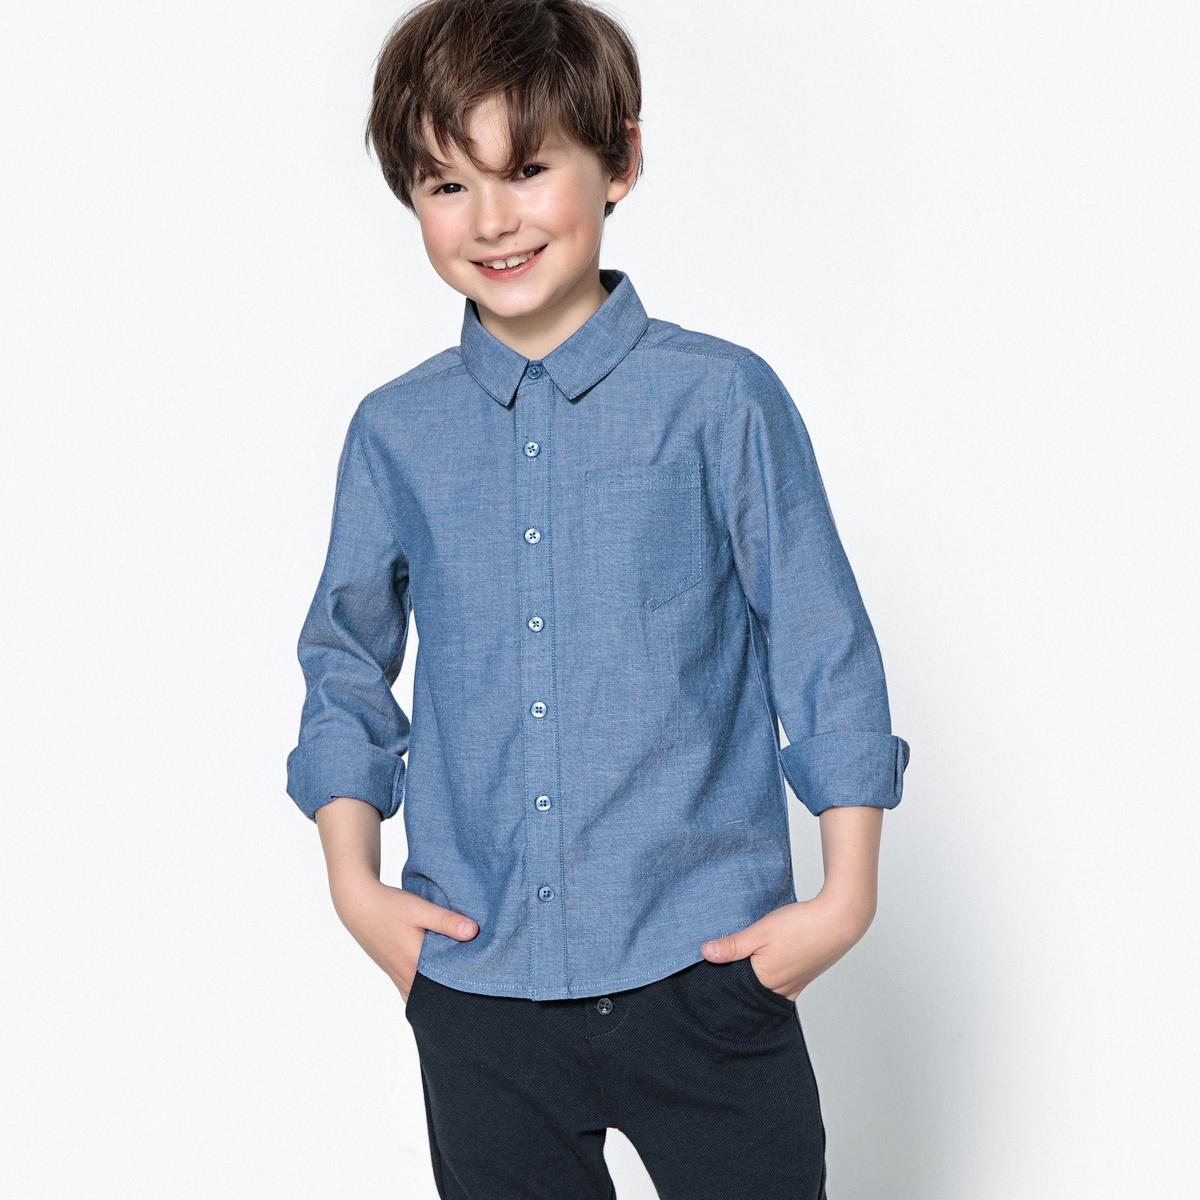 Рубашка с рисунком сзади, 3-12 лет